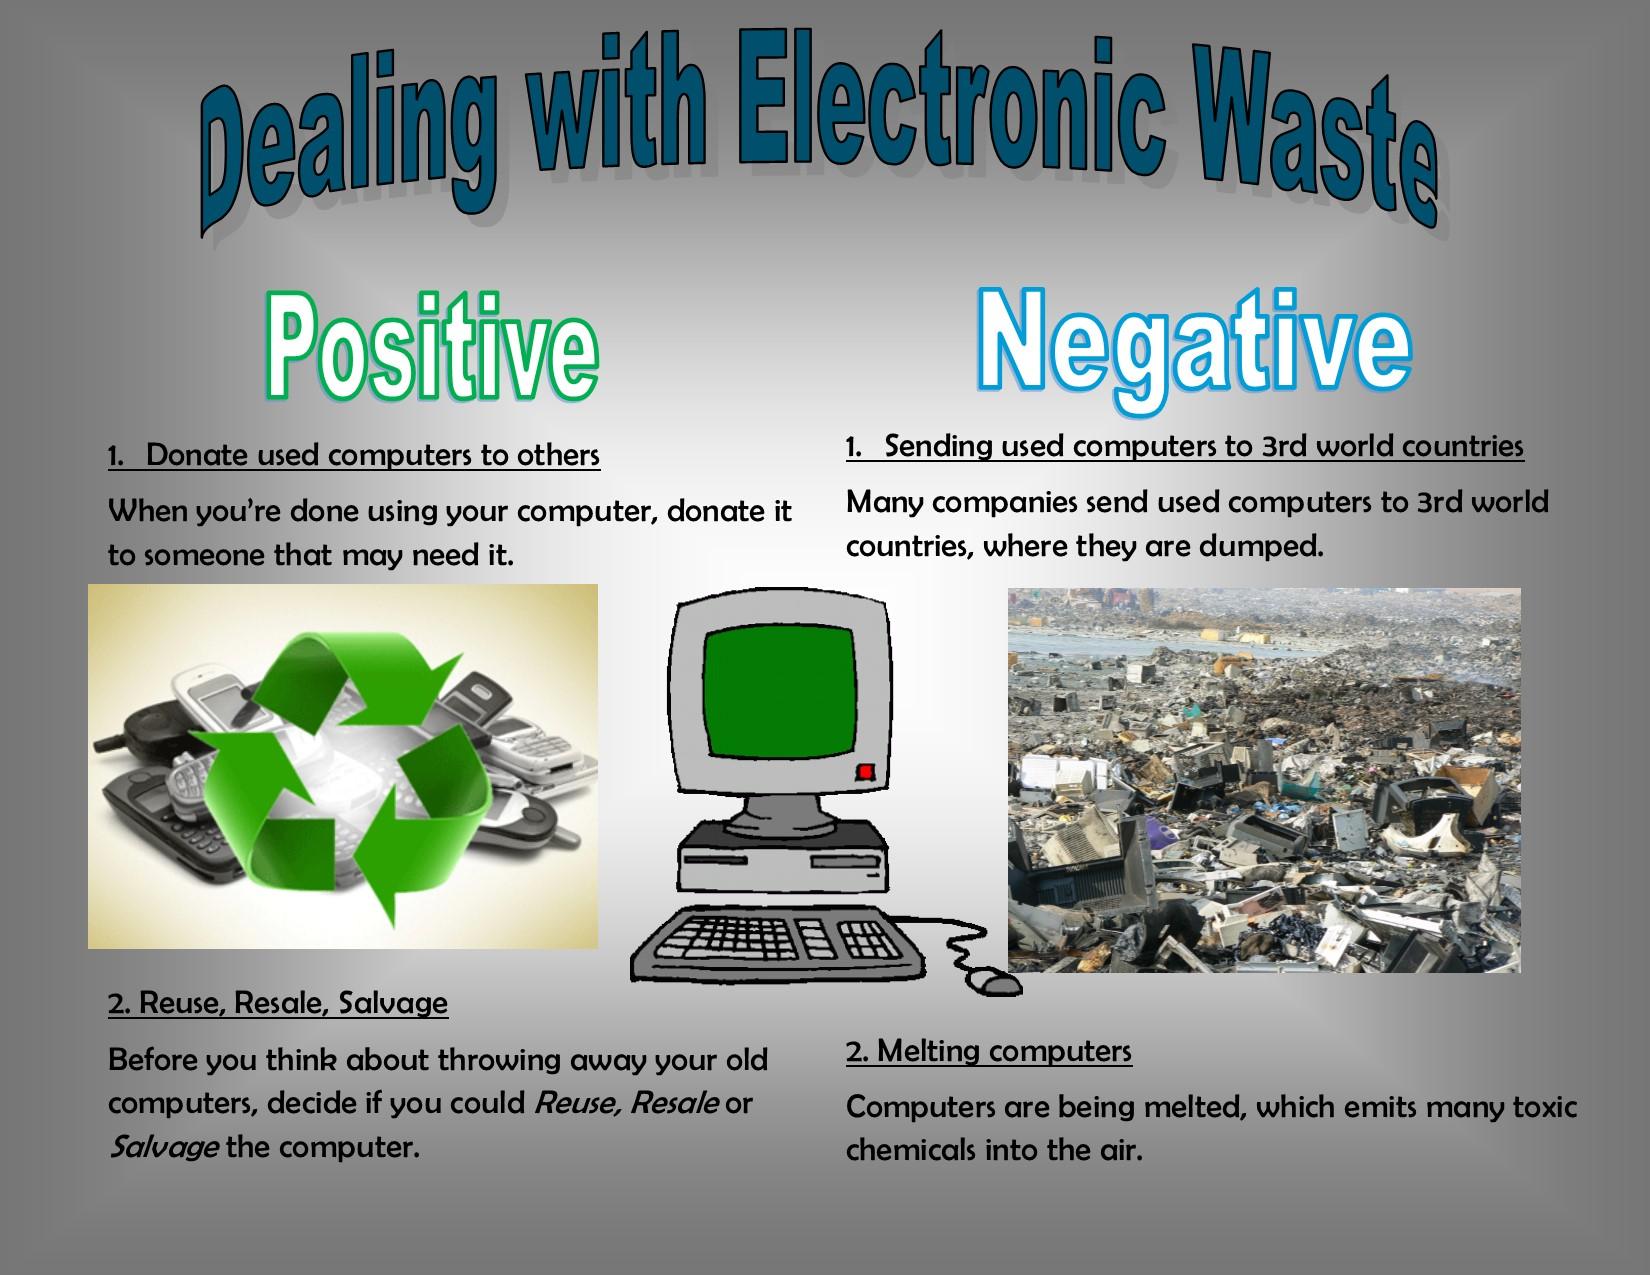 ई-कचरे का निपटान